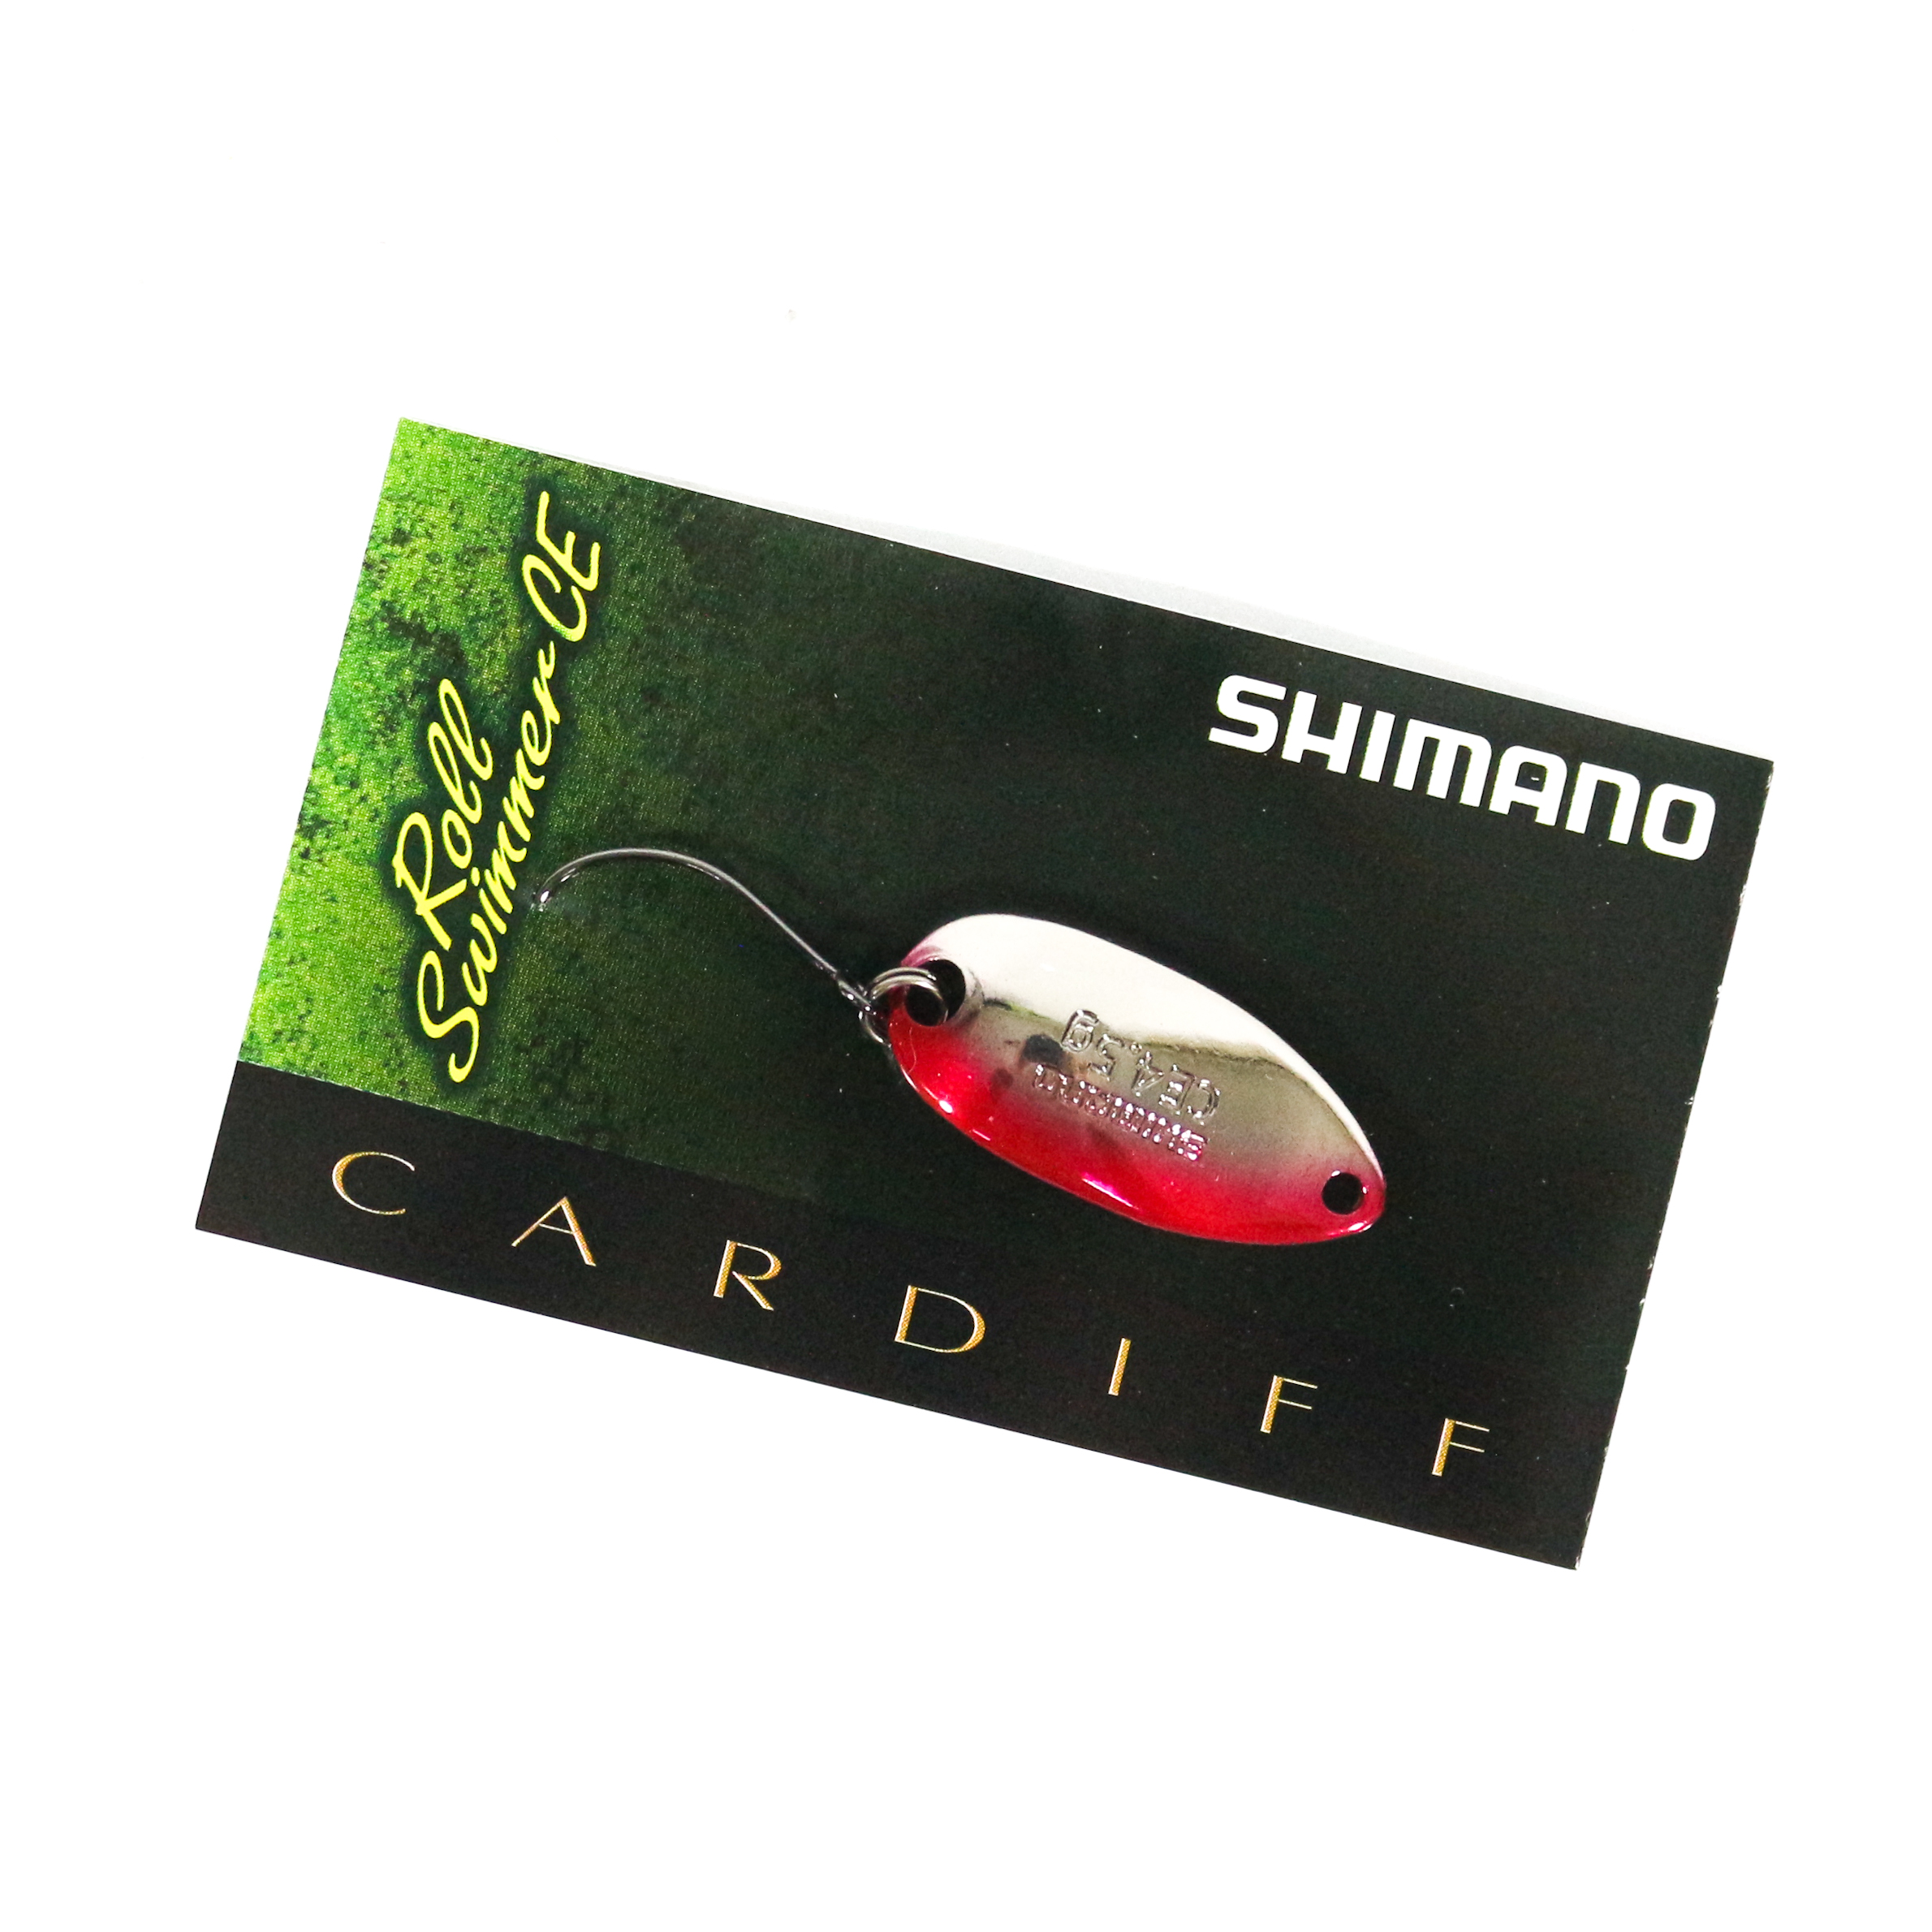 Shimano TR-R45N Cardiff Spoon 4.5 grams 60T 440402